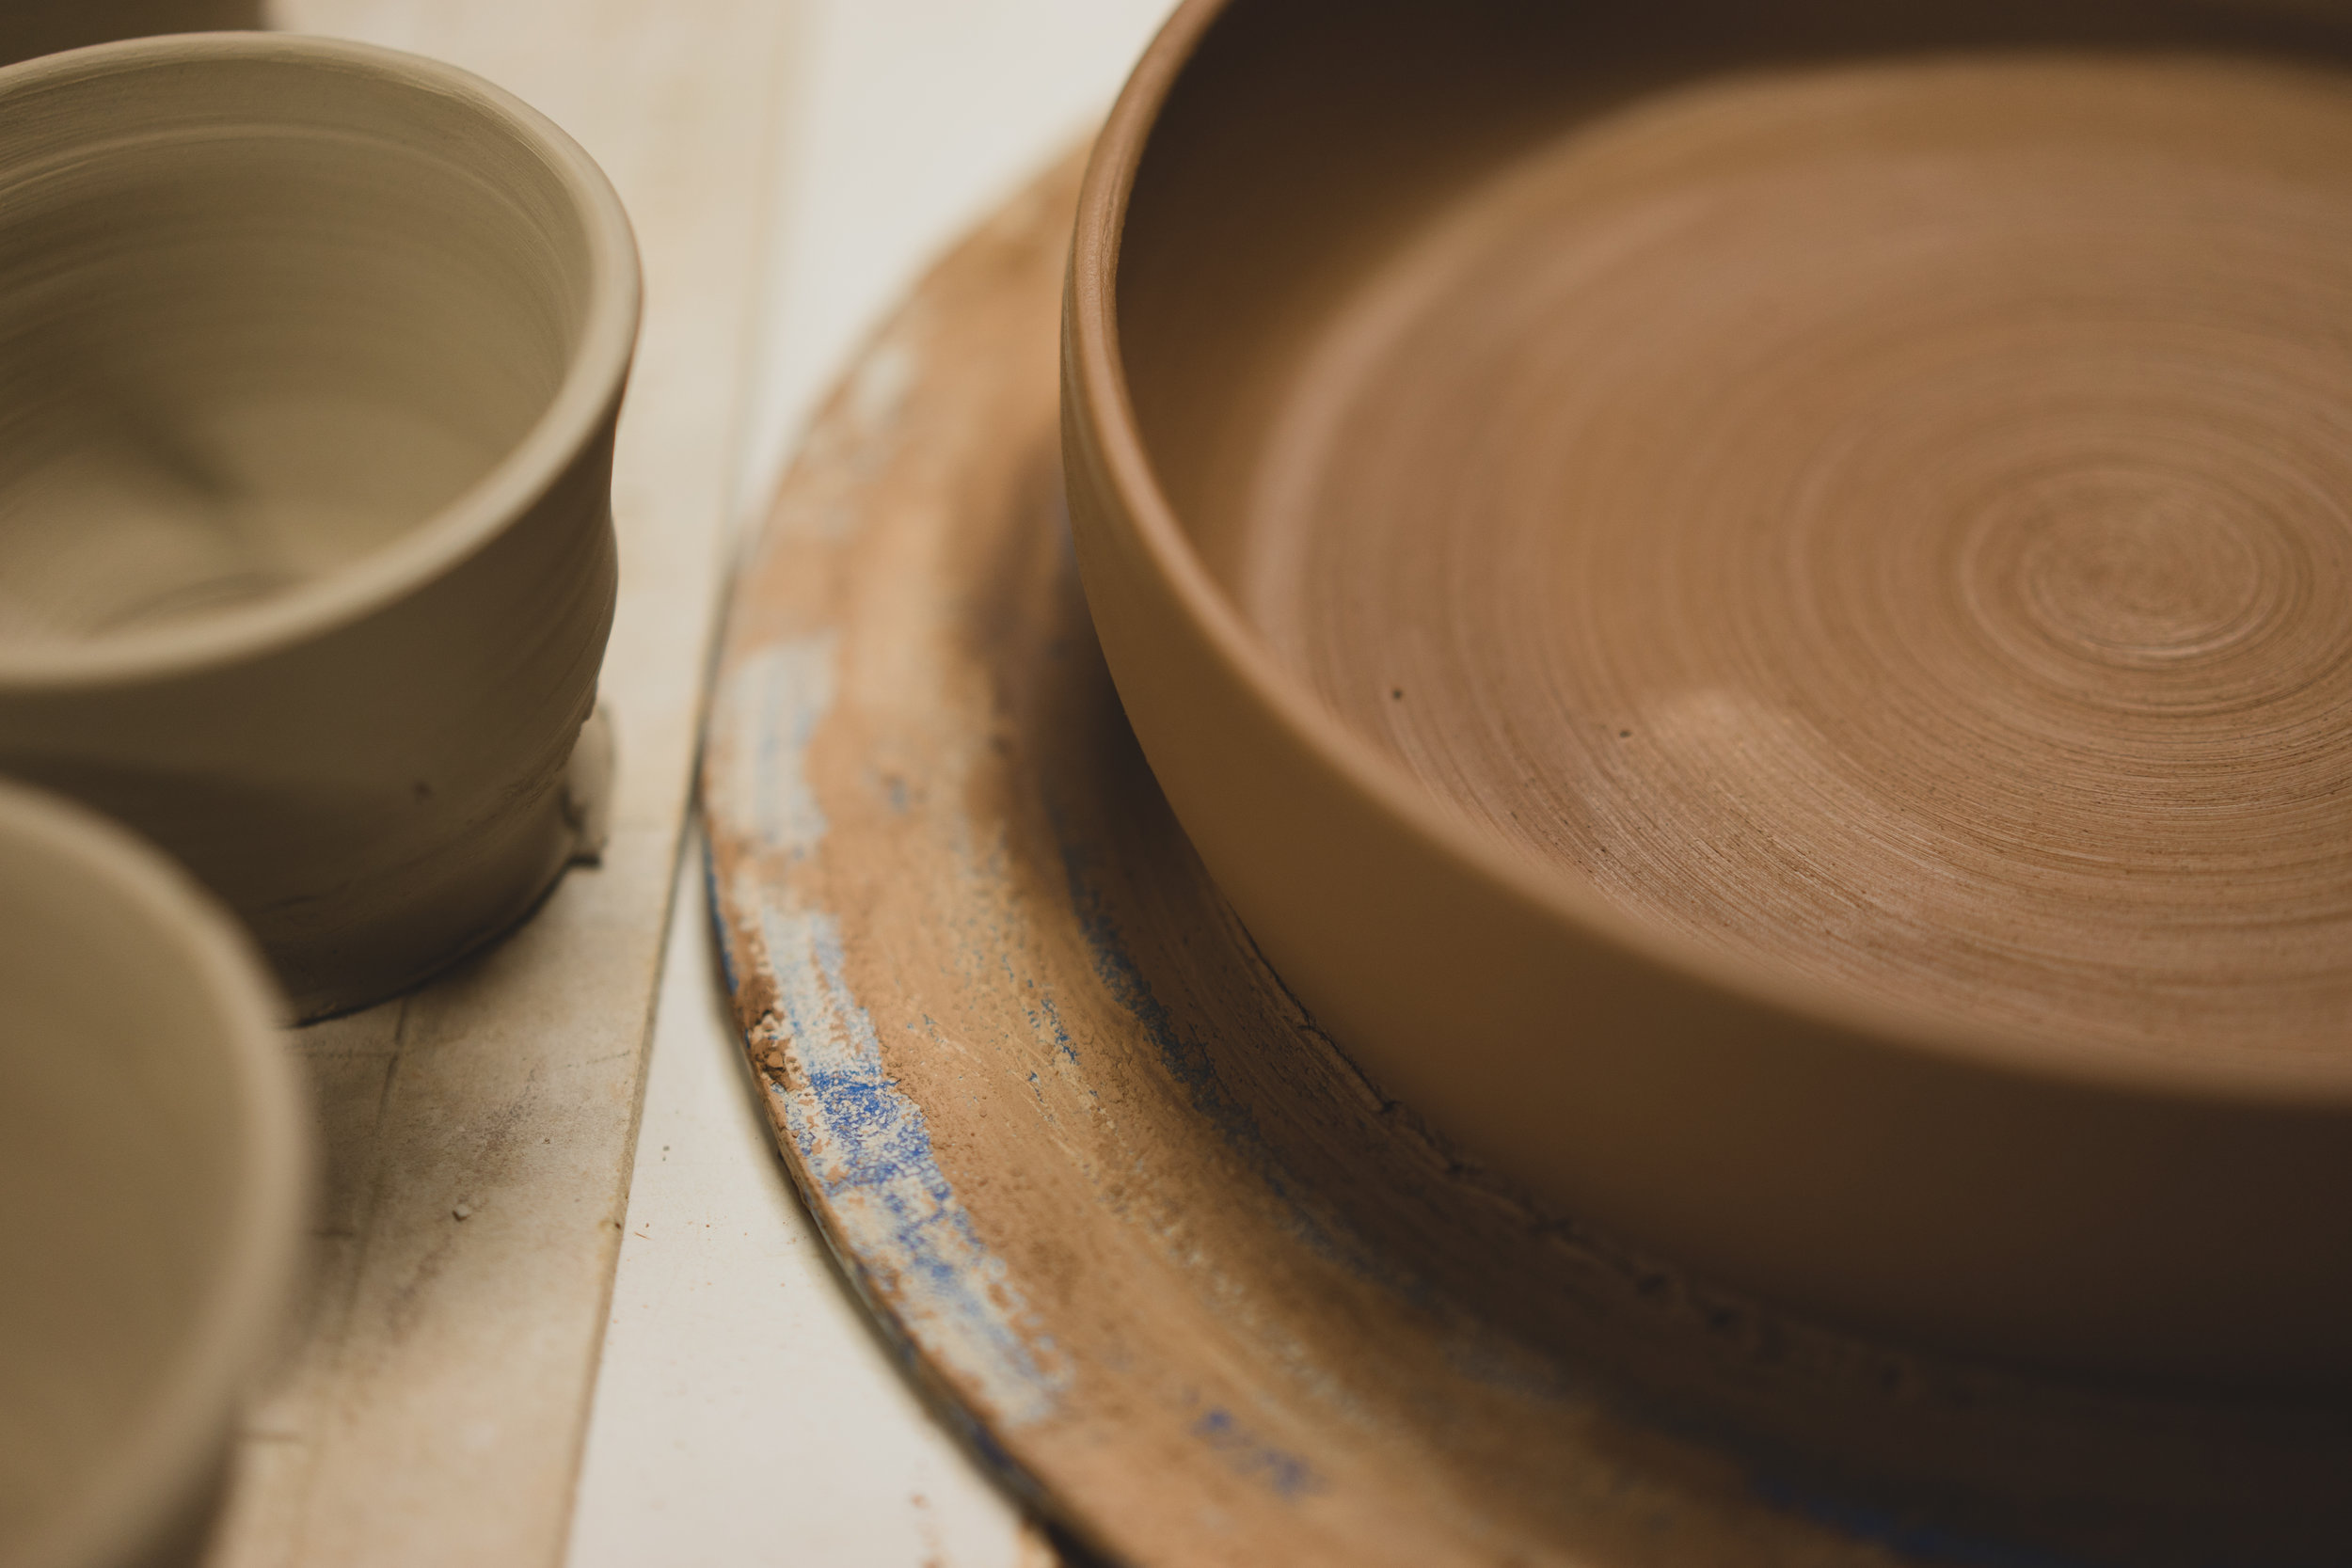 sues-studio-handmade-ceramics